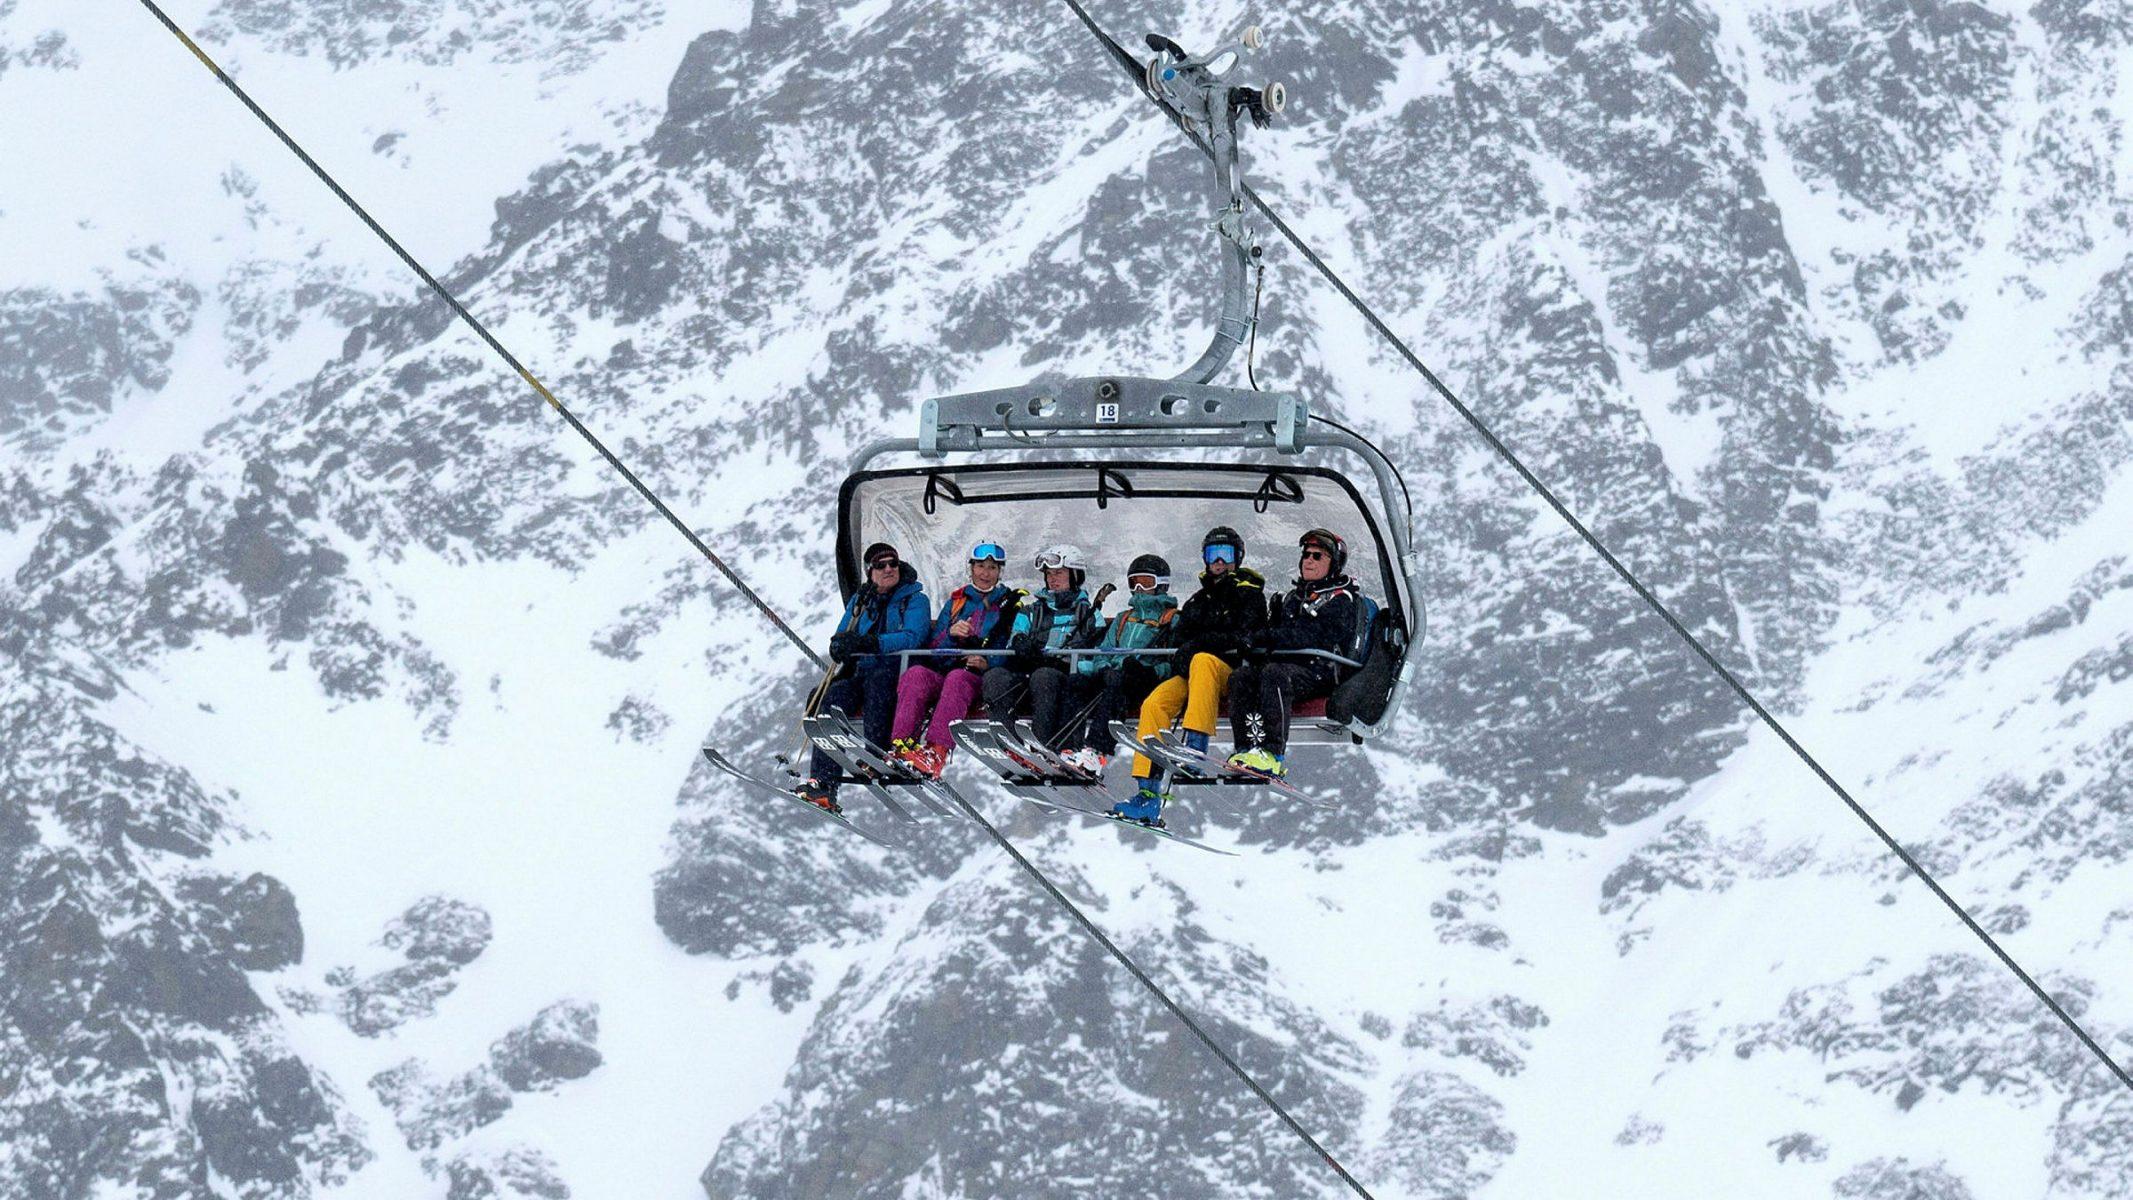 Χιονοδρομικά Ευρώπη: Έκκληση για να μην ανοίξουν κάνει η Γερμανία